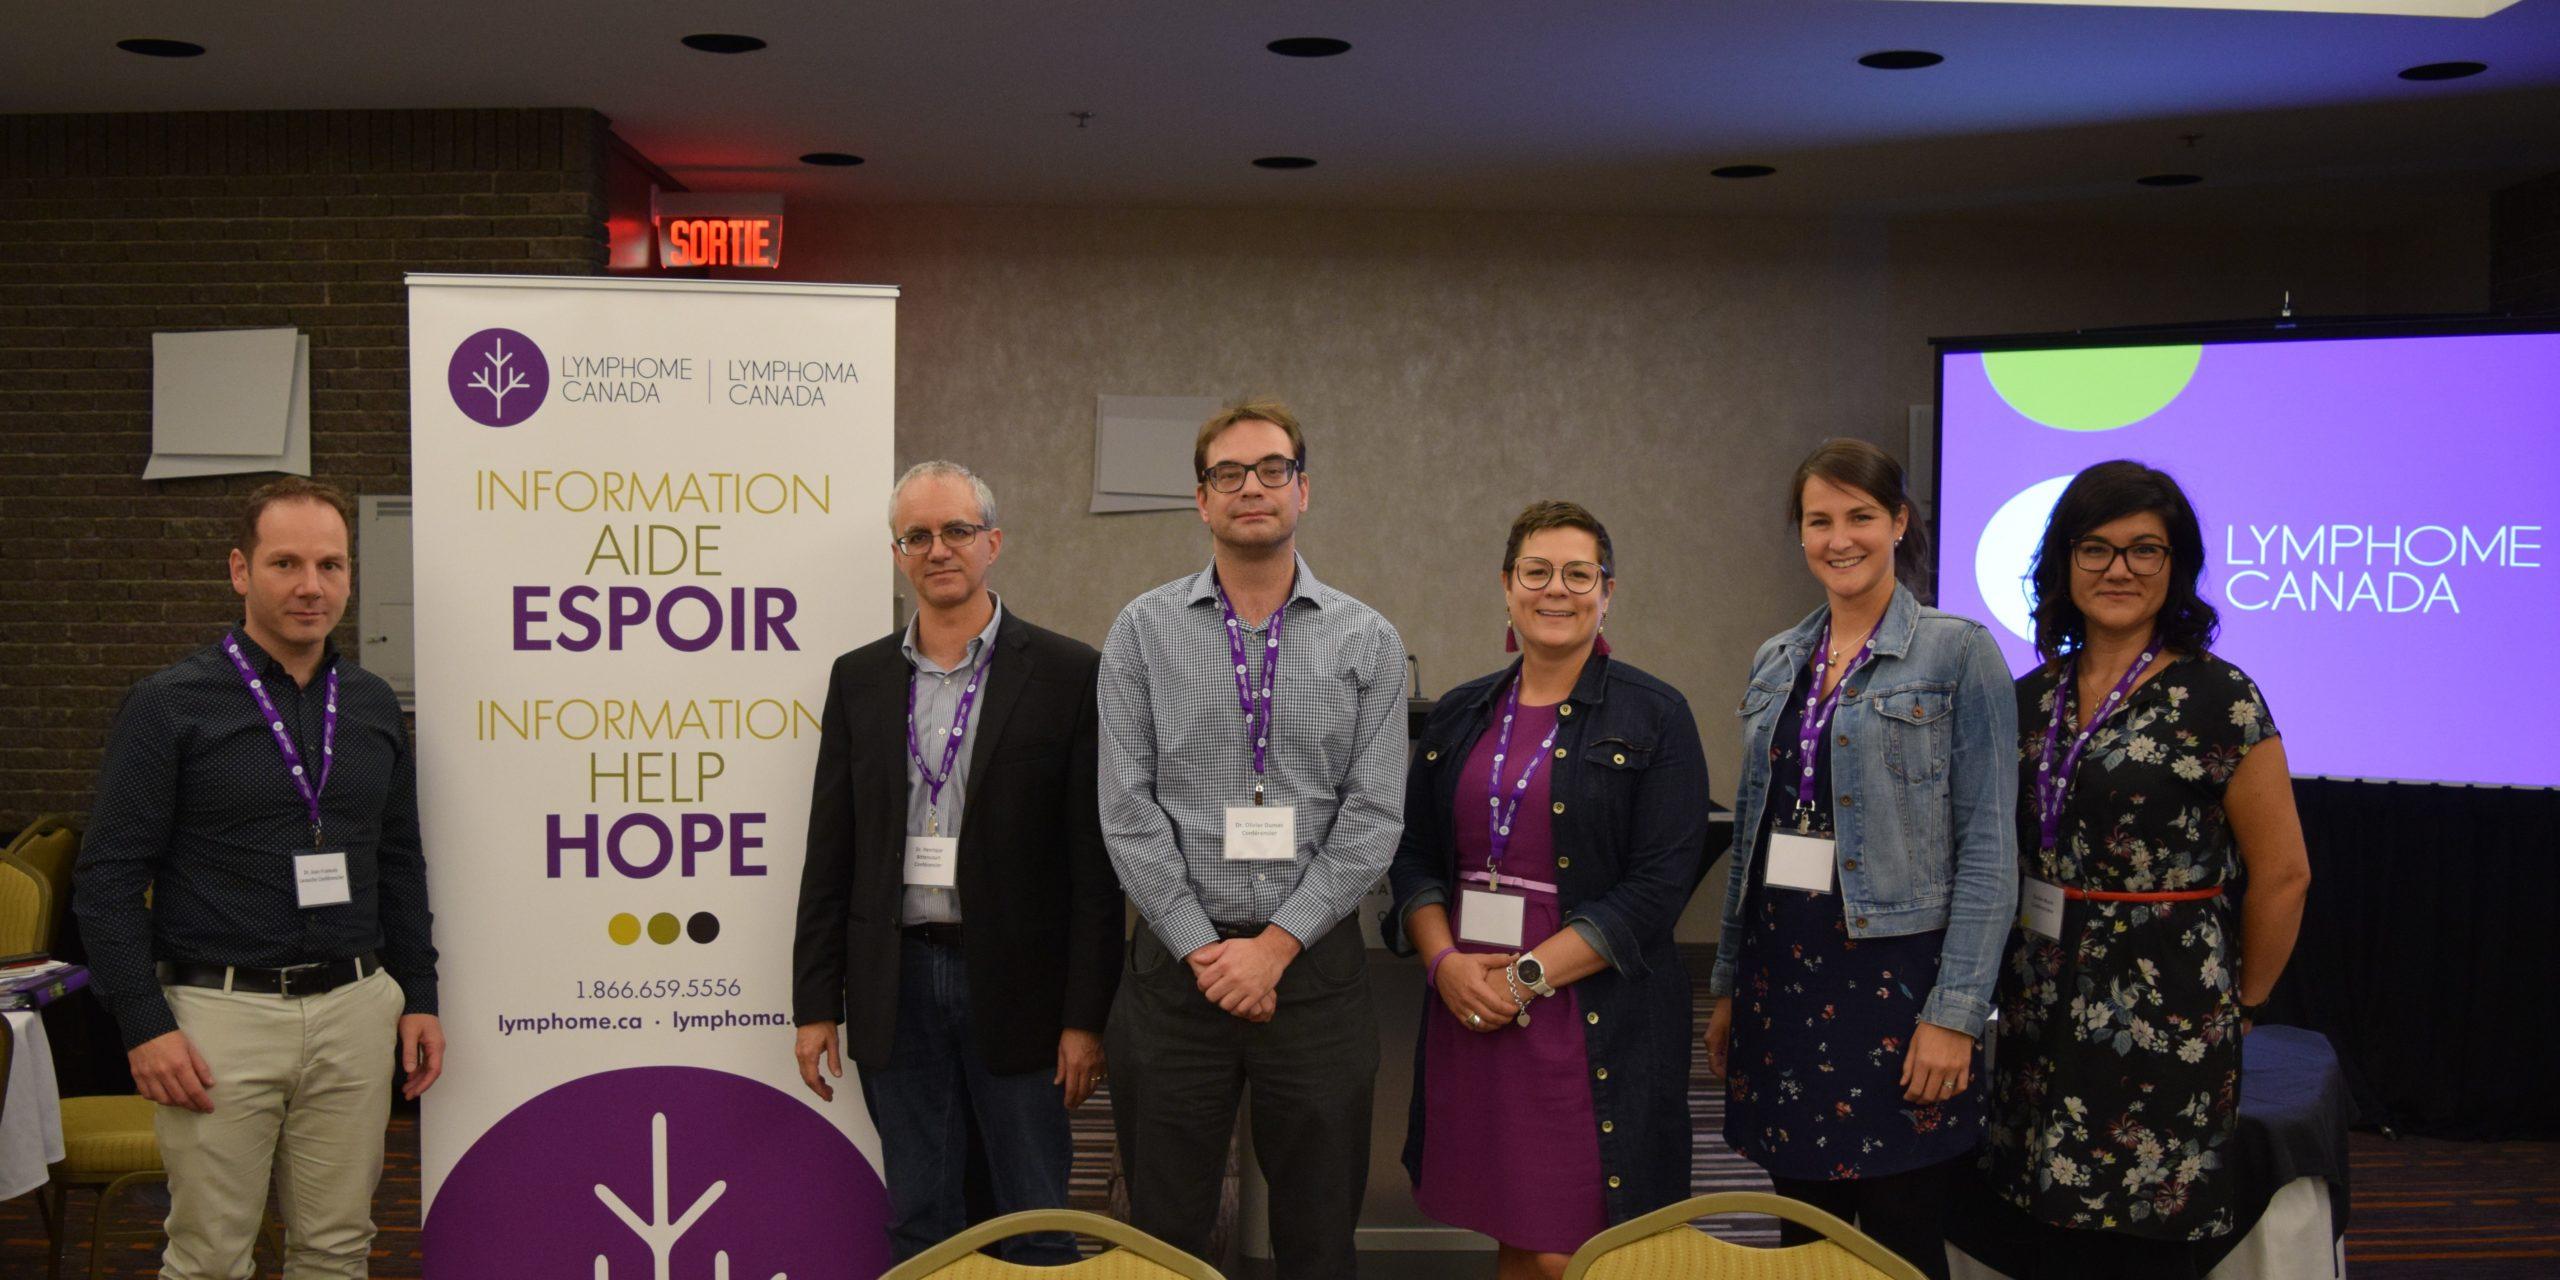 Conférence nationale 2018 pour les patients 2e édition  – Ville de Québec